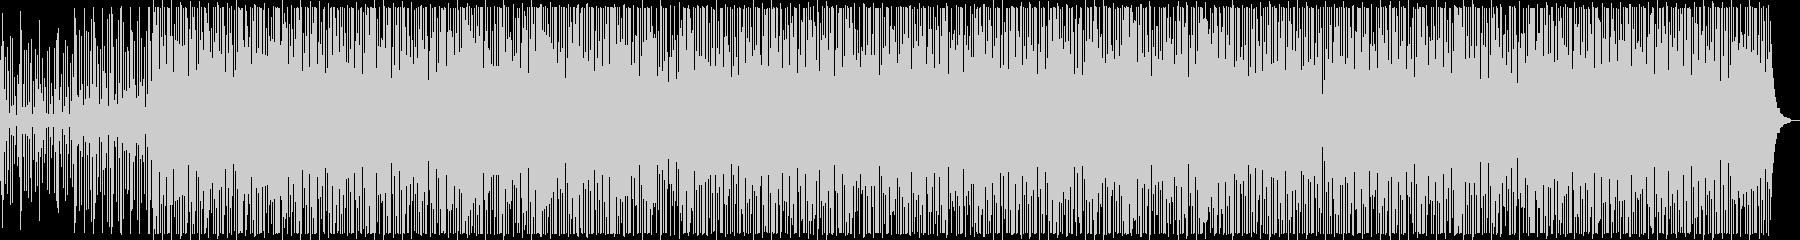 緊張感のシンセ弦楽器ポップテクノ系の未再生の波形